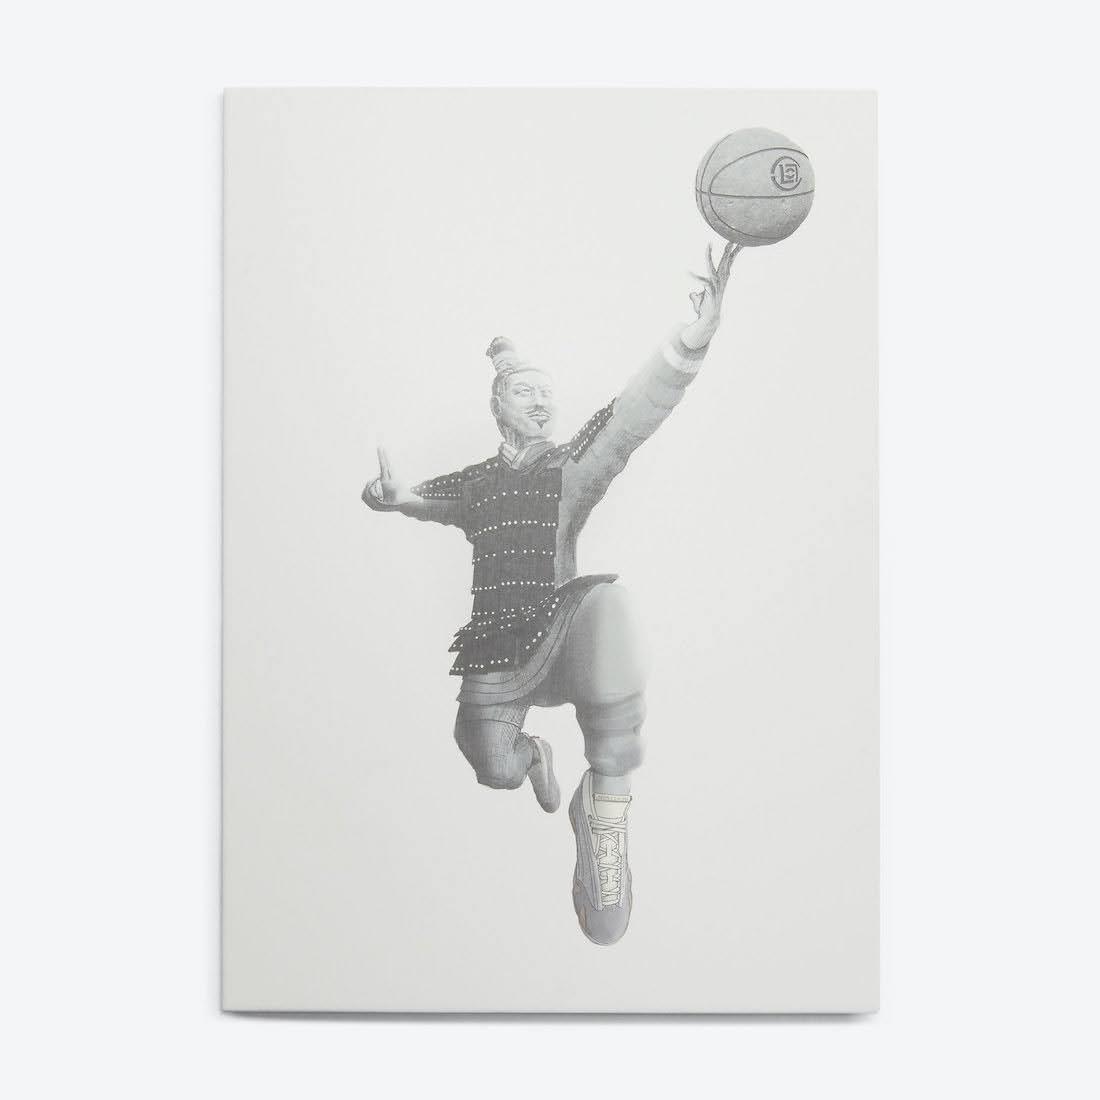 """クロット × ナイキ エア ジョーダン 14 ロー """"テラコッタ"""" clot-x-nike-air-jordan-14-low-terracotta-dc9857-200-art"""